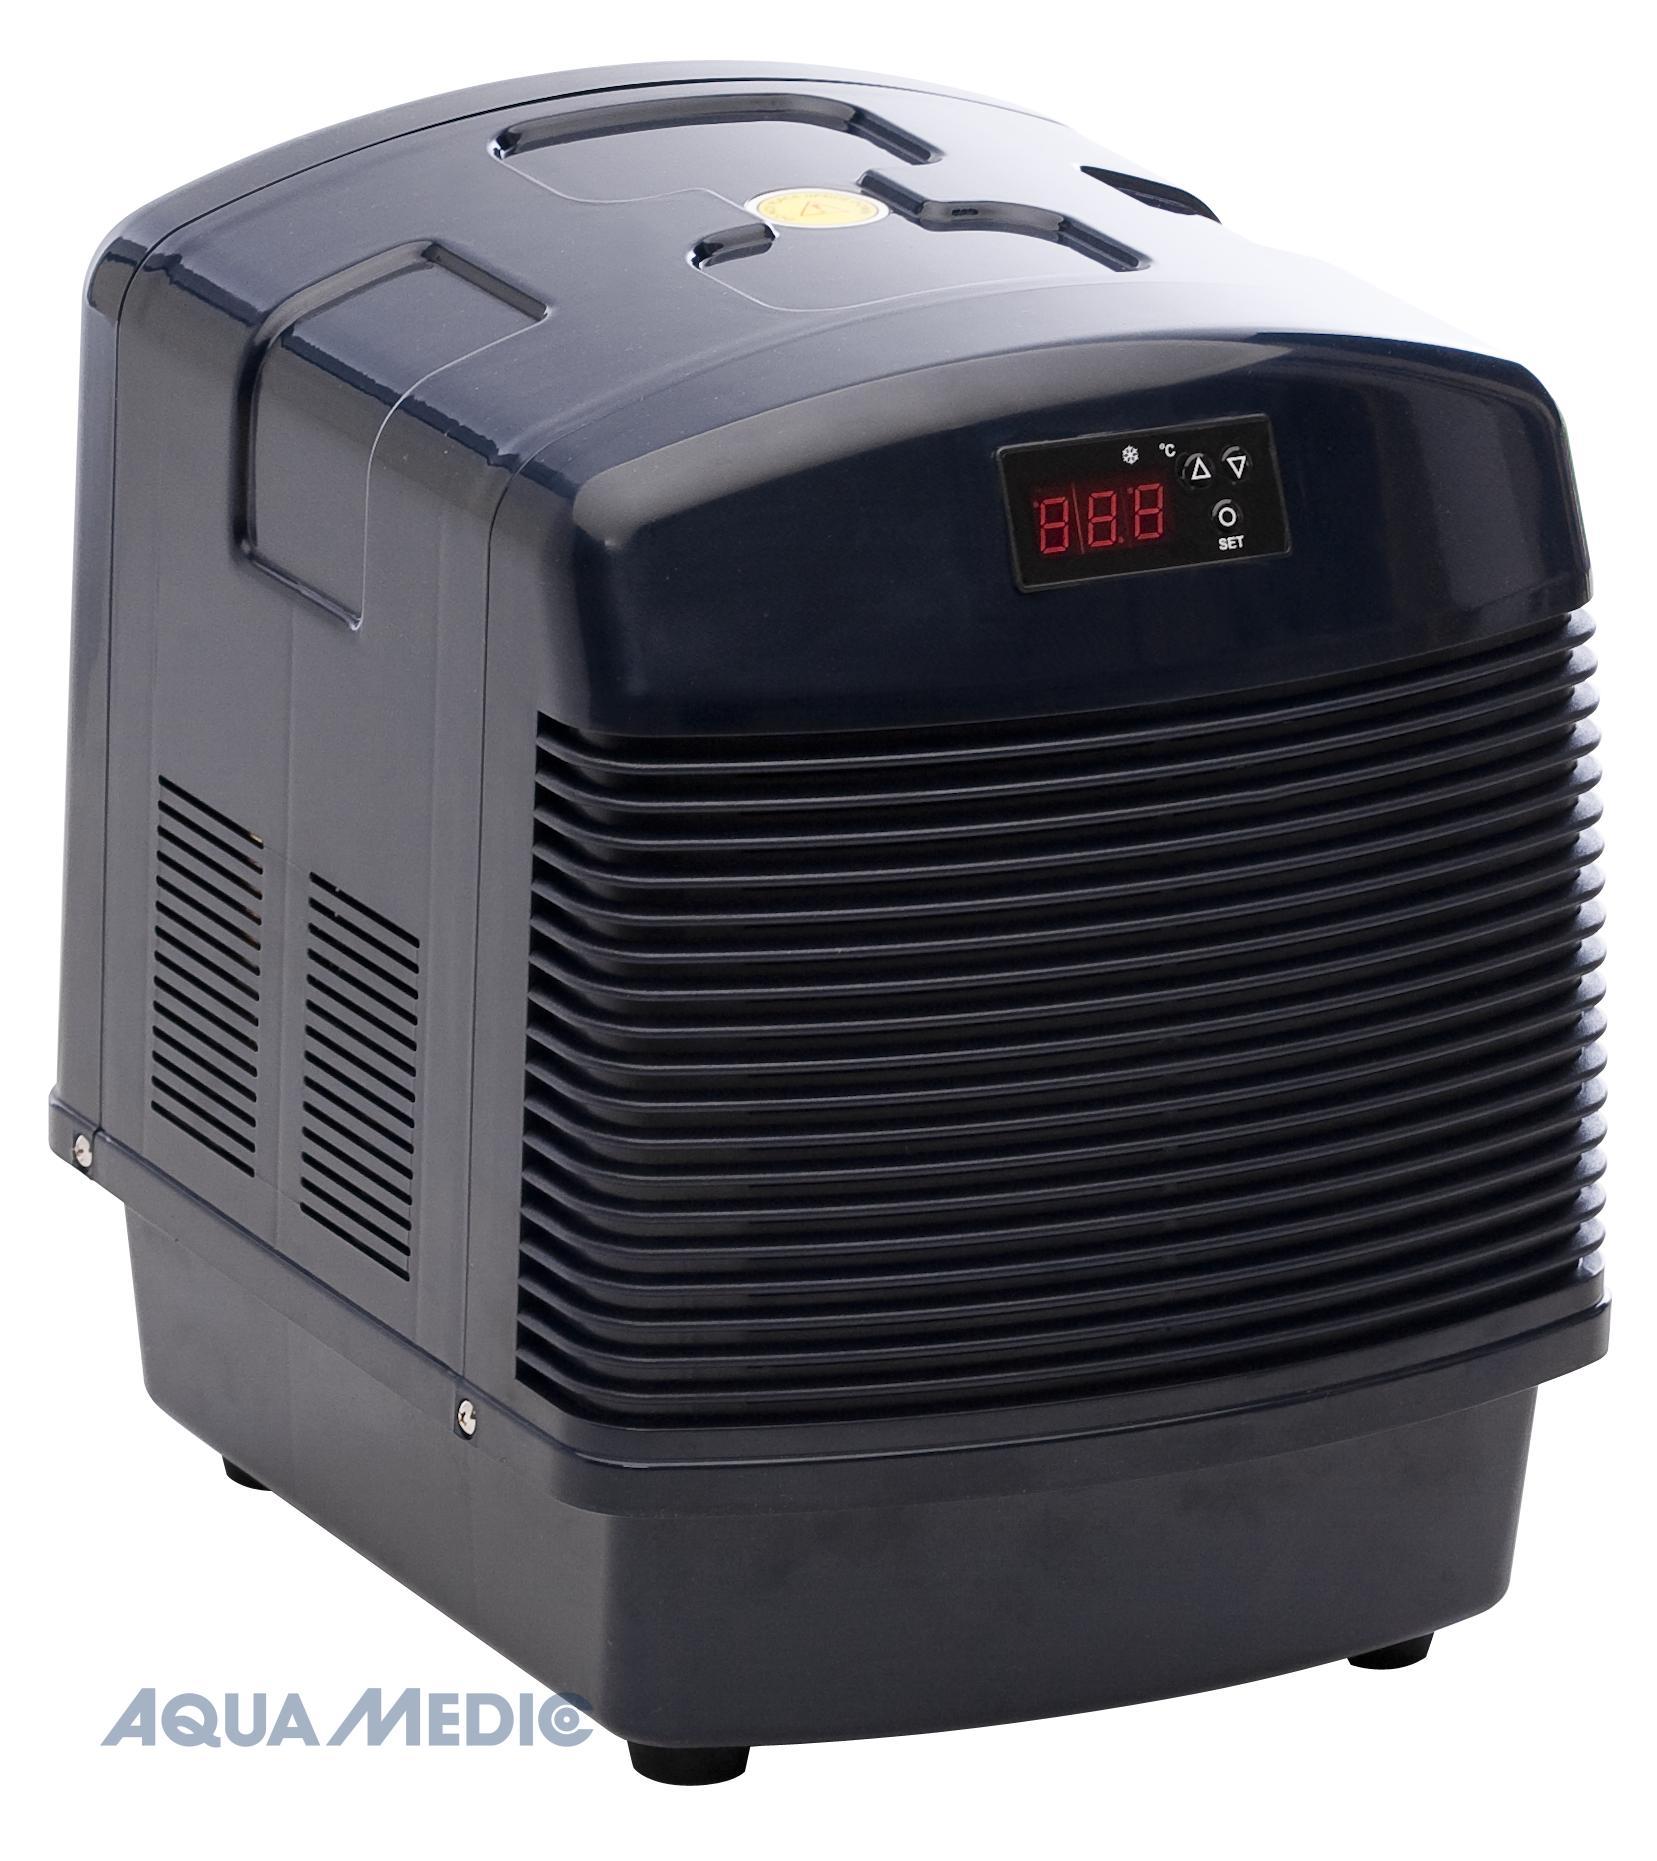 Aquamedic Cooler Titan 150 100-250l